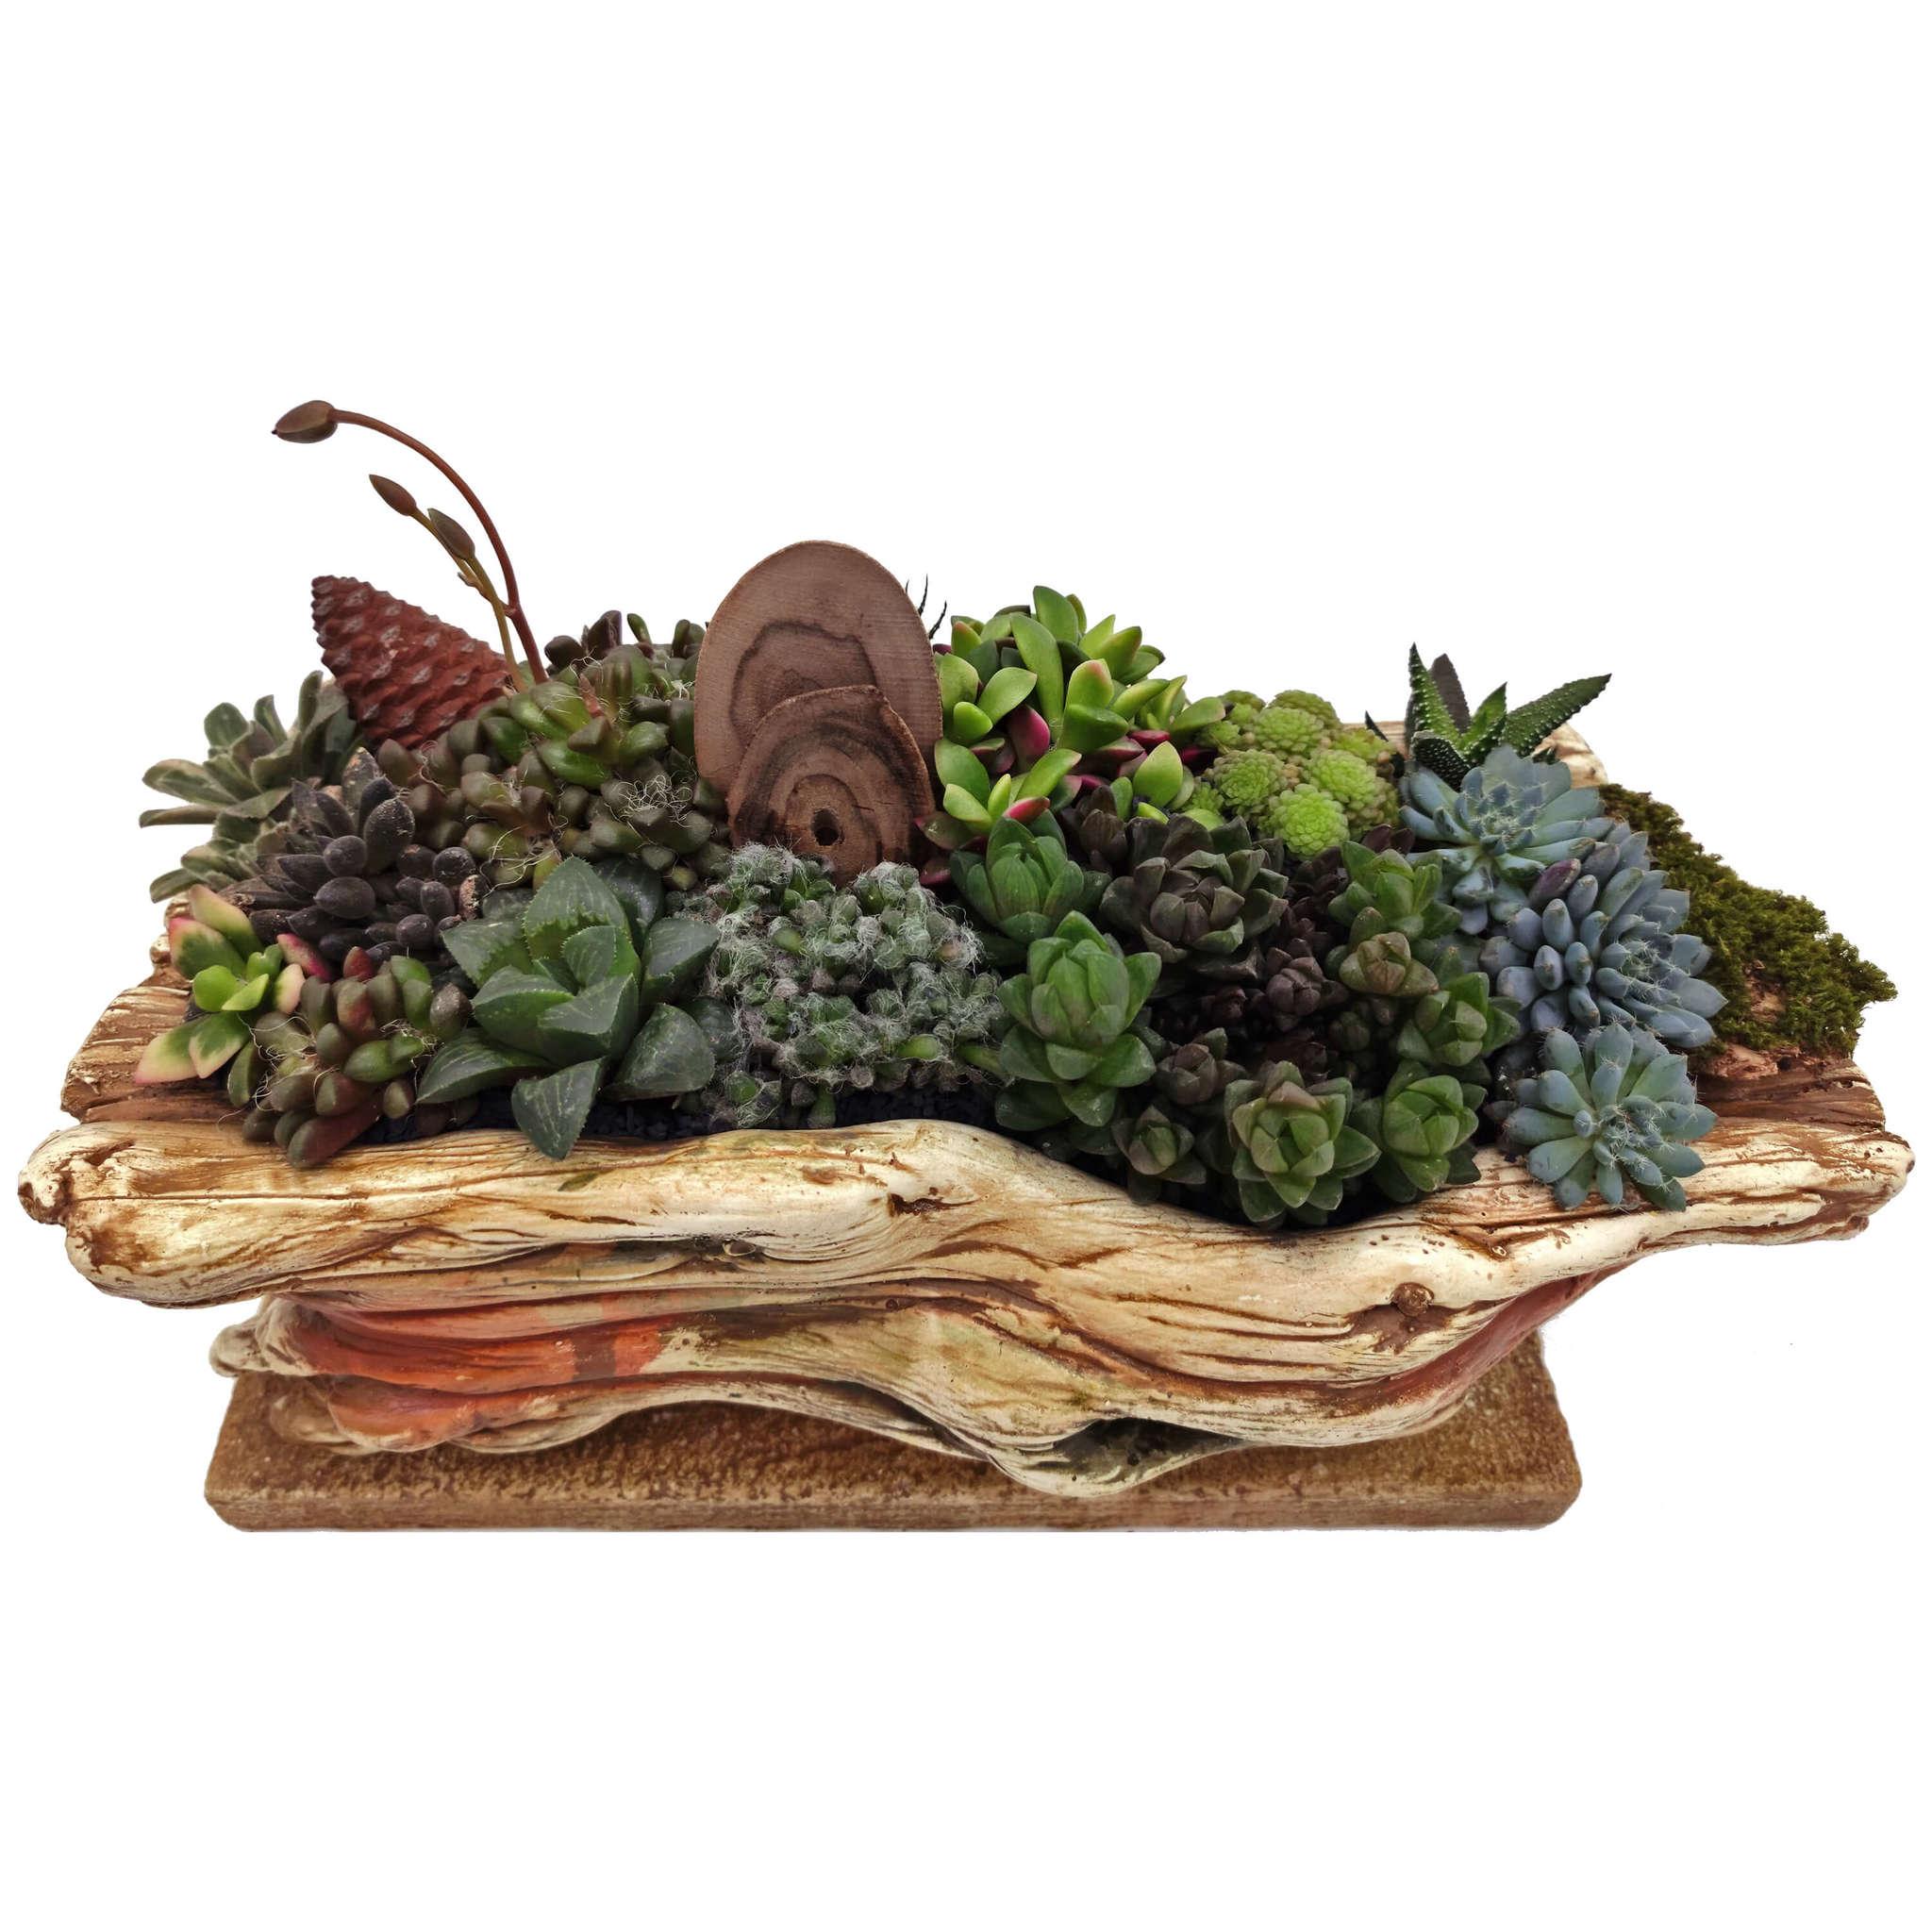 Девоншир - живая композиция из суккулентов